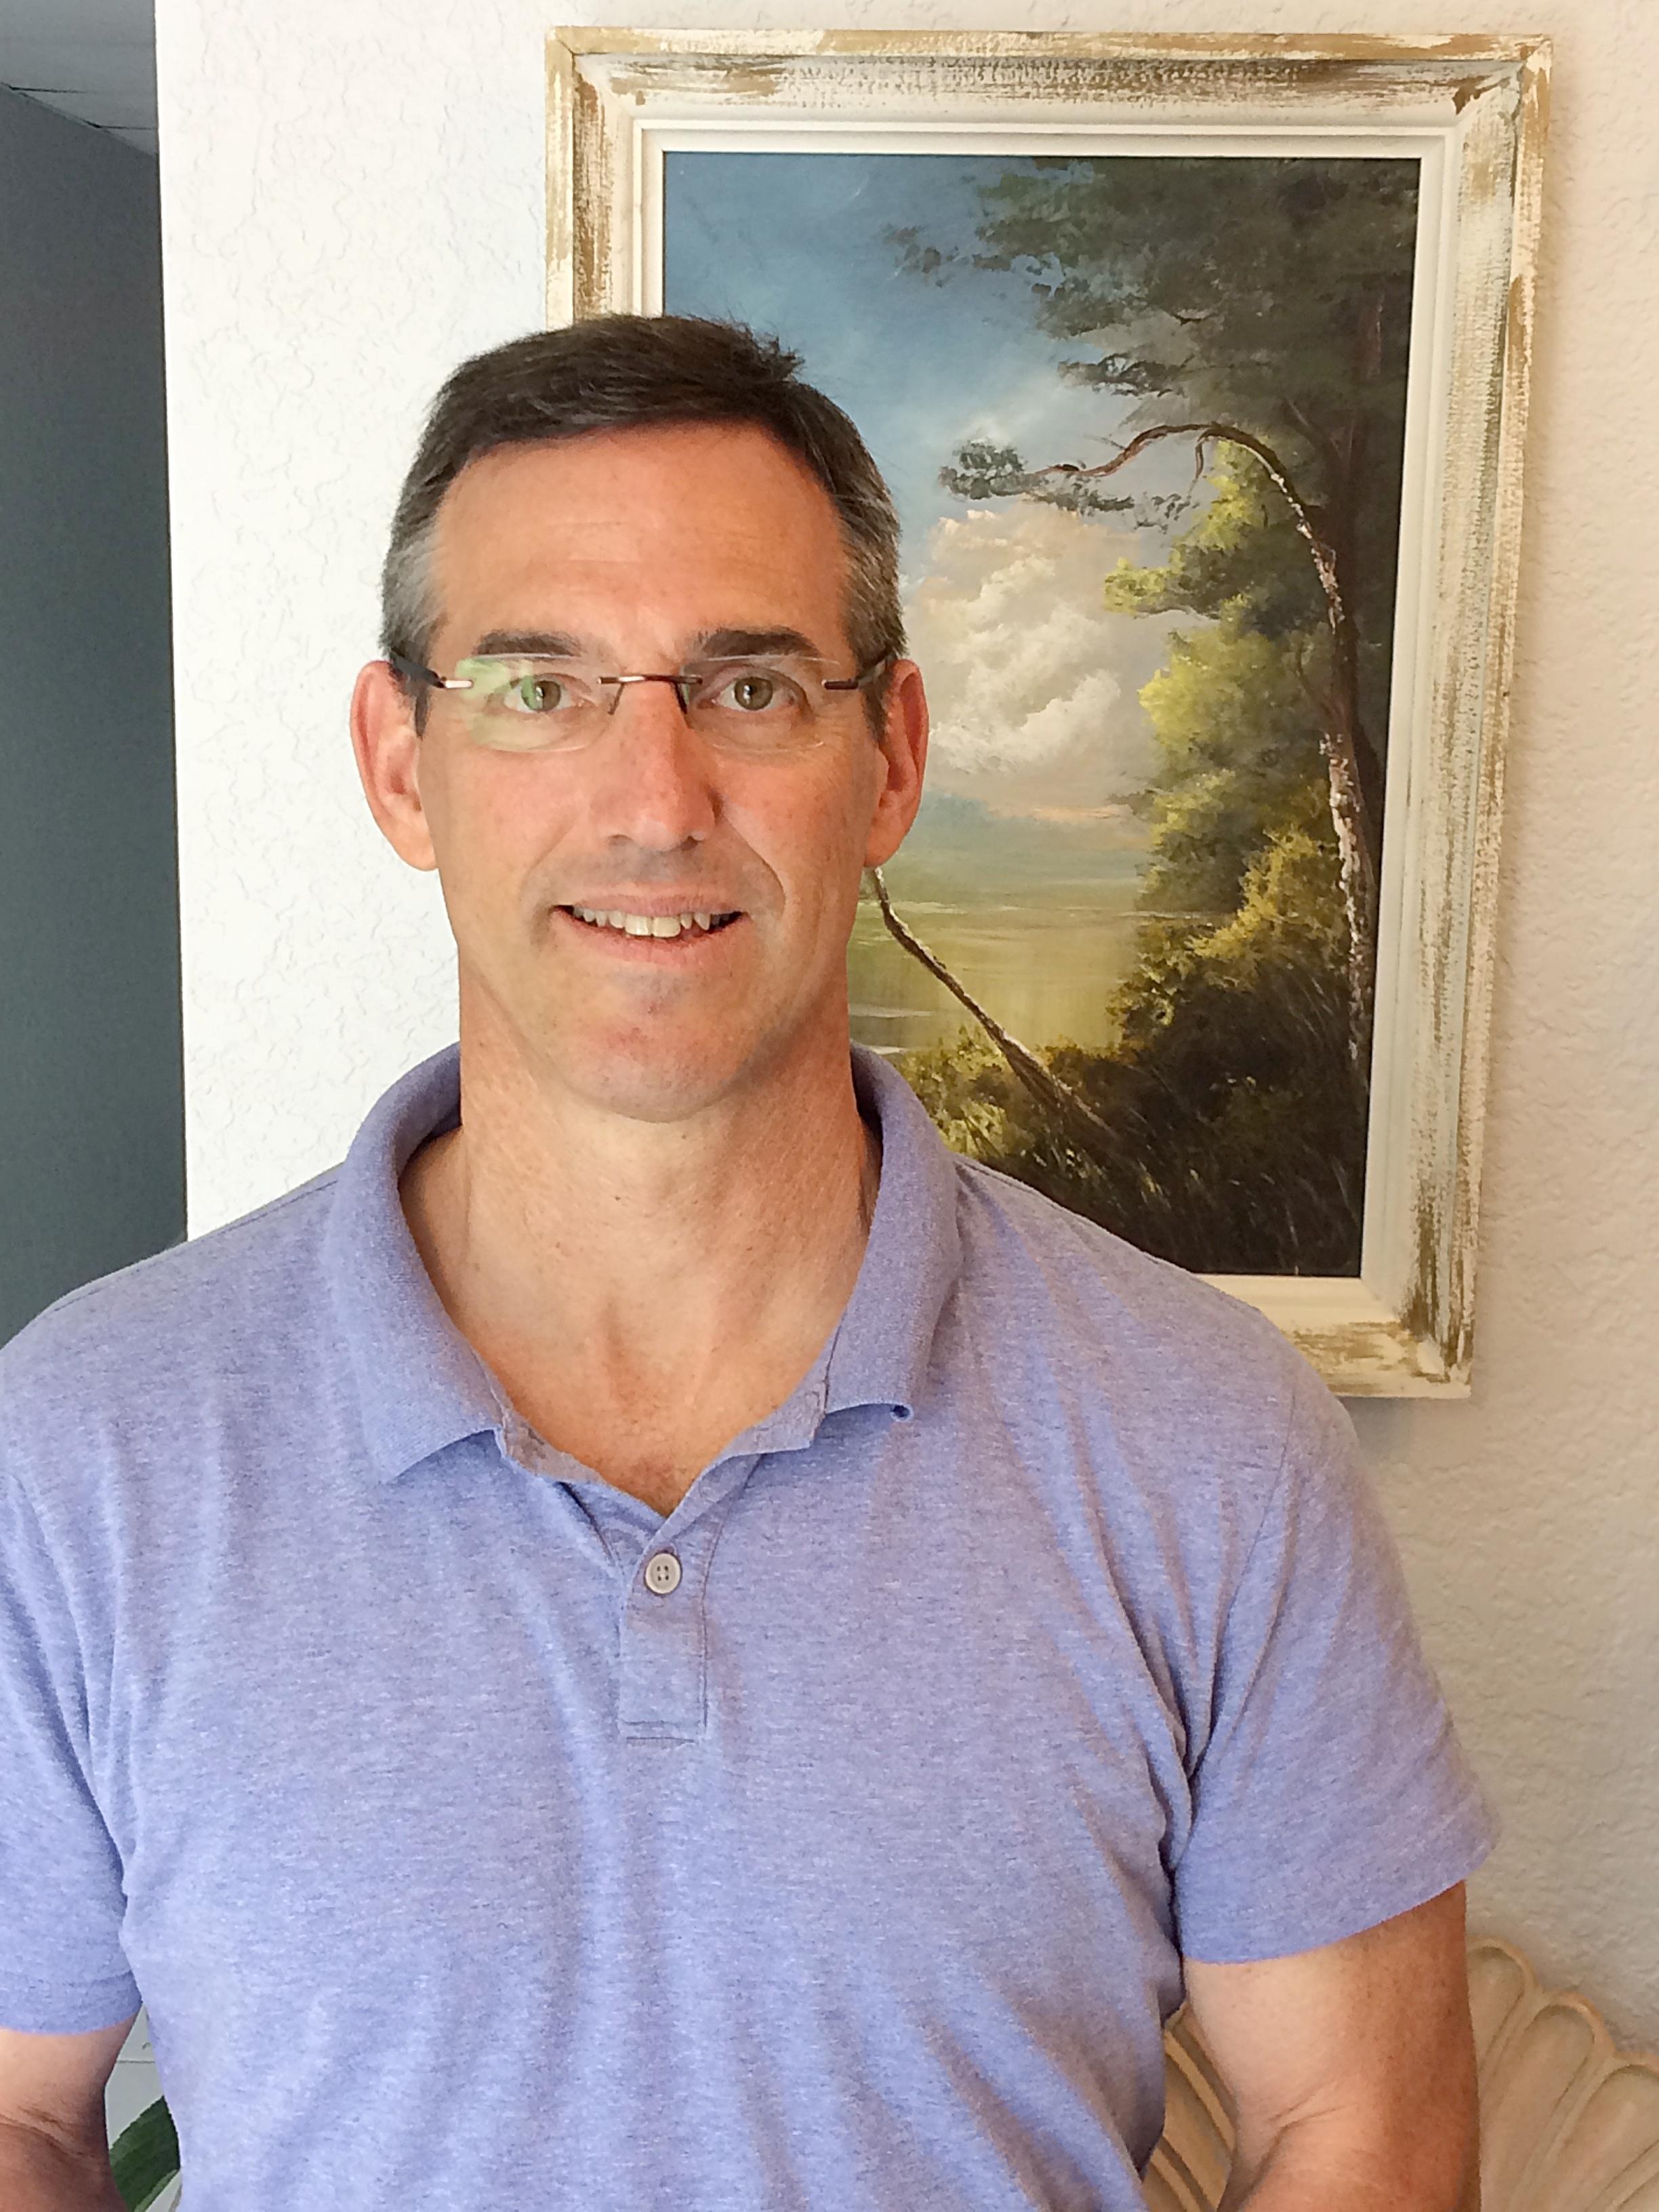 Michael-Slotin-Massage-Therapist.jpg